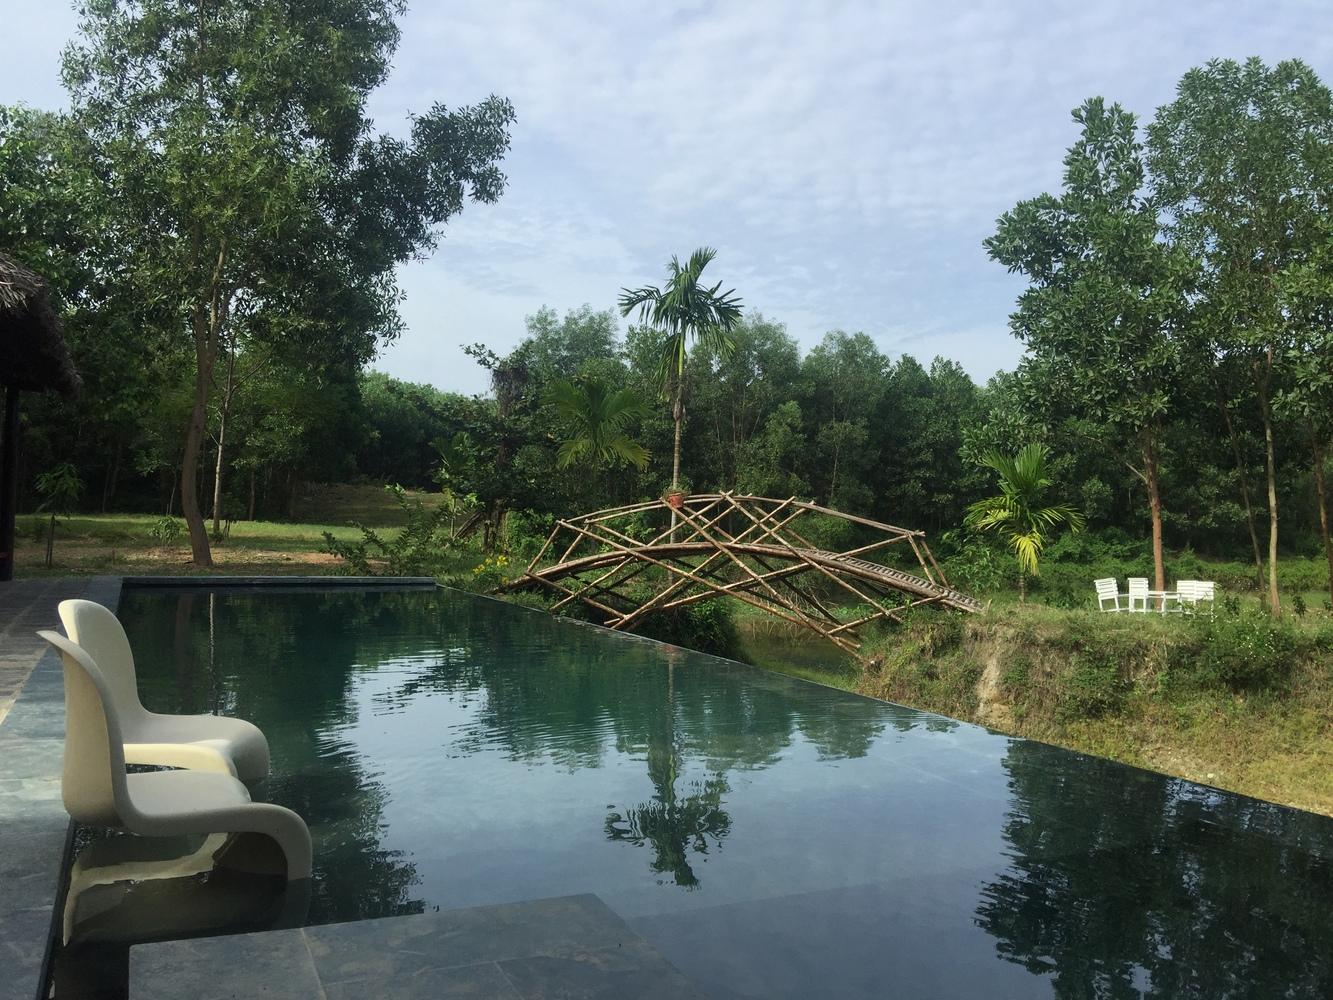 Cầu tre và hồ nước nhìn từ bể bơi của ngôi nhà trang trại